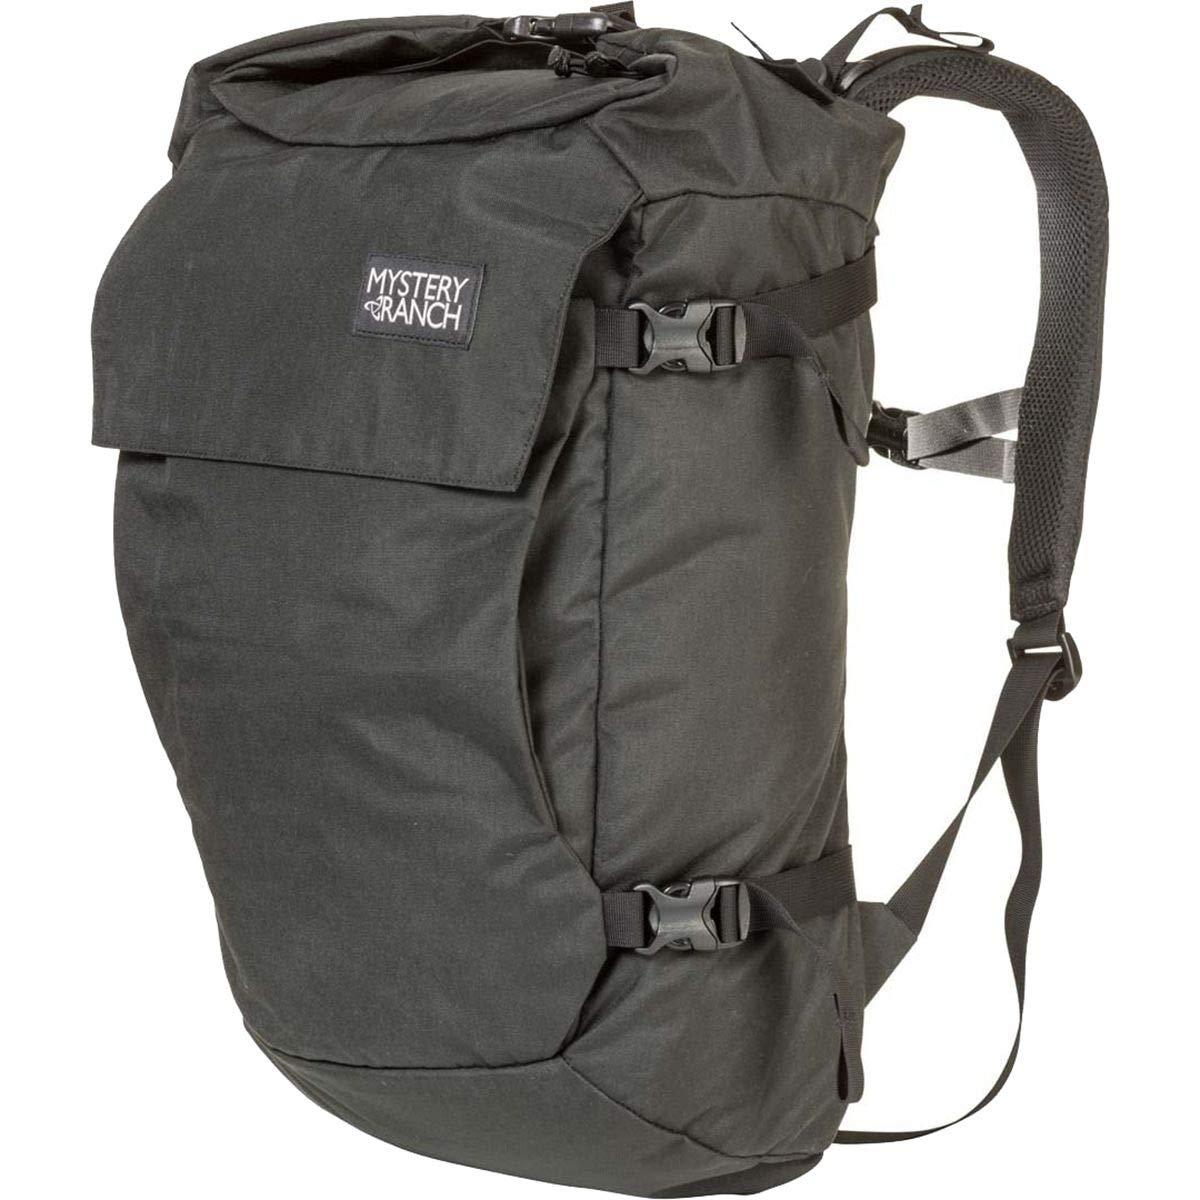 [ミステリーランチ] メンズ バックパックリュックサック Street Zen 25L Backpack [並行輸入品] No-Size  B07HNWBVWQ